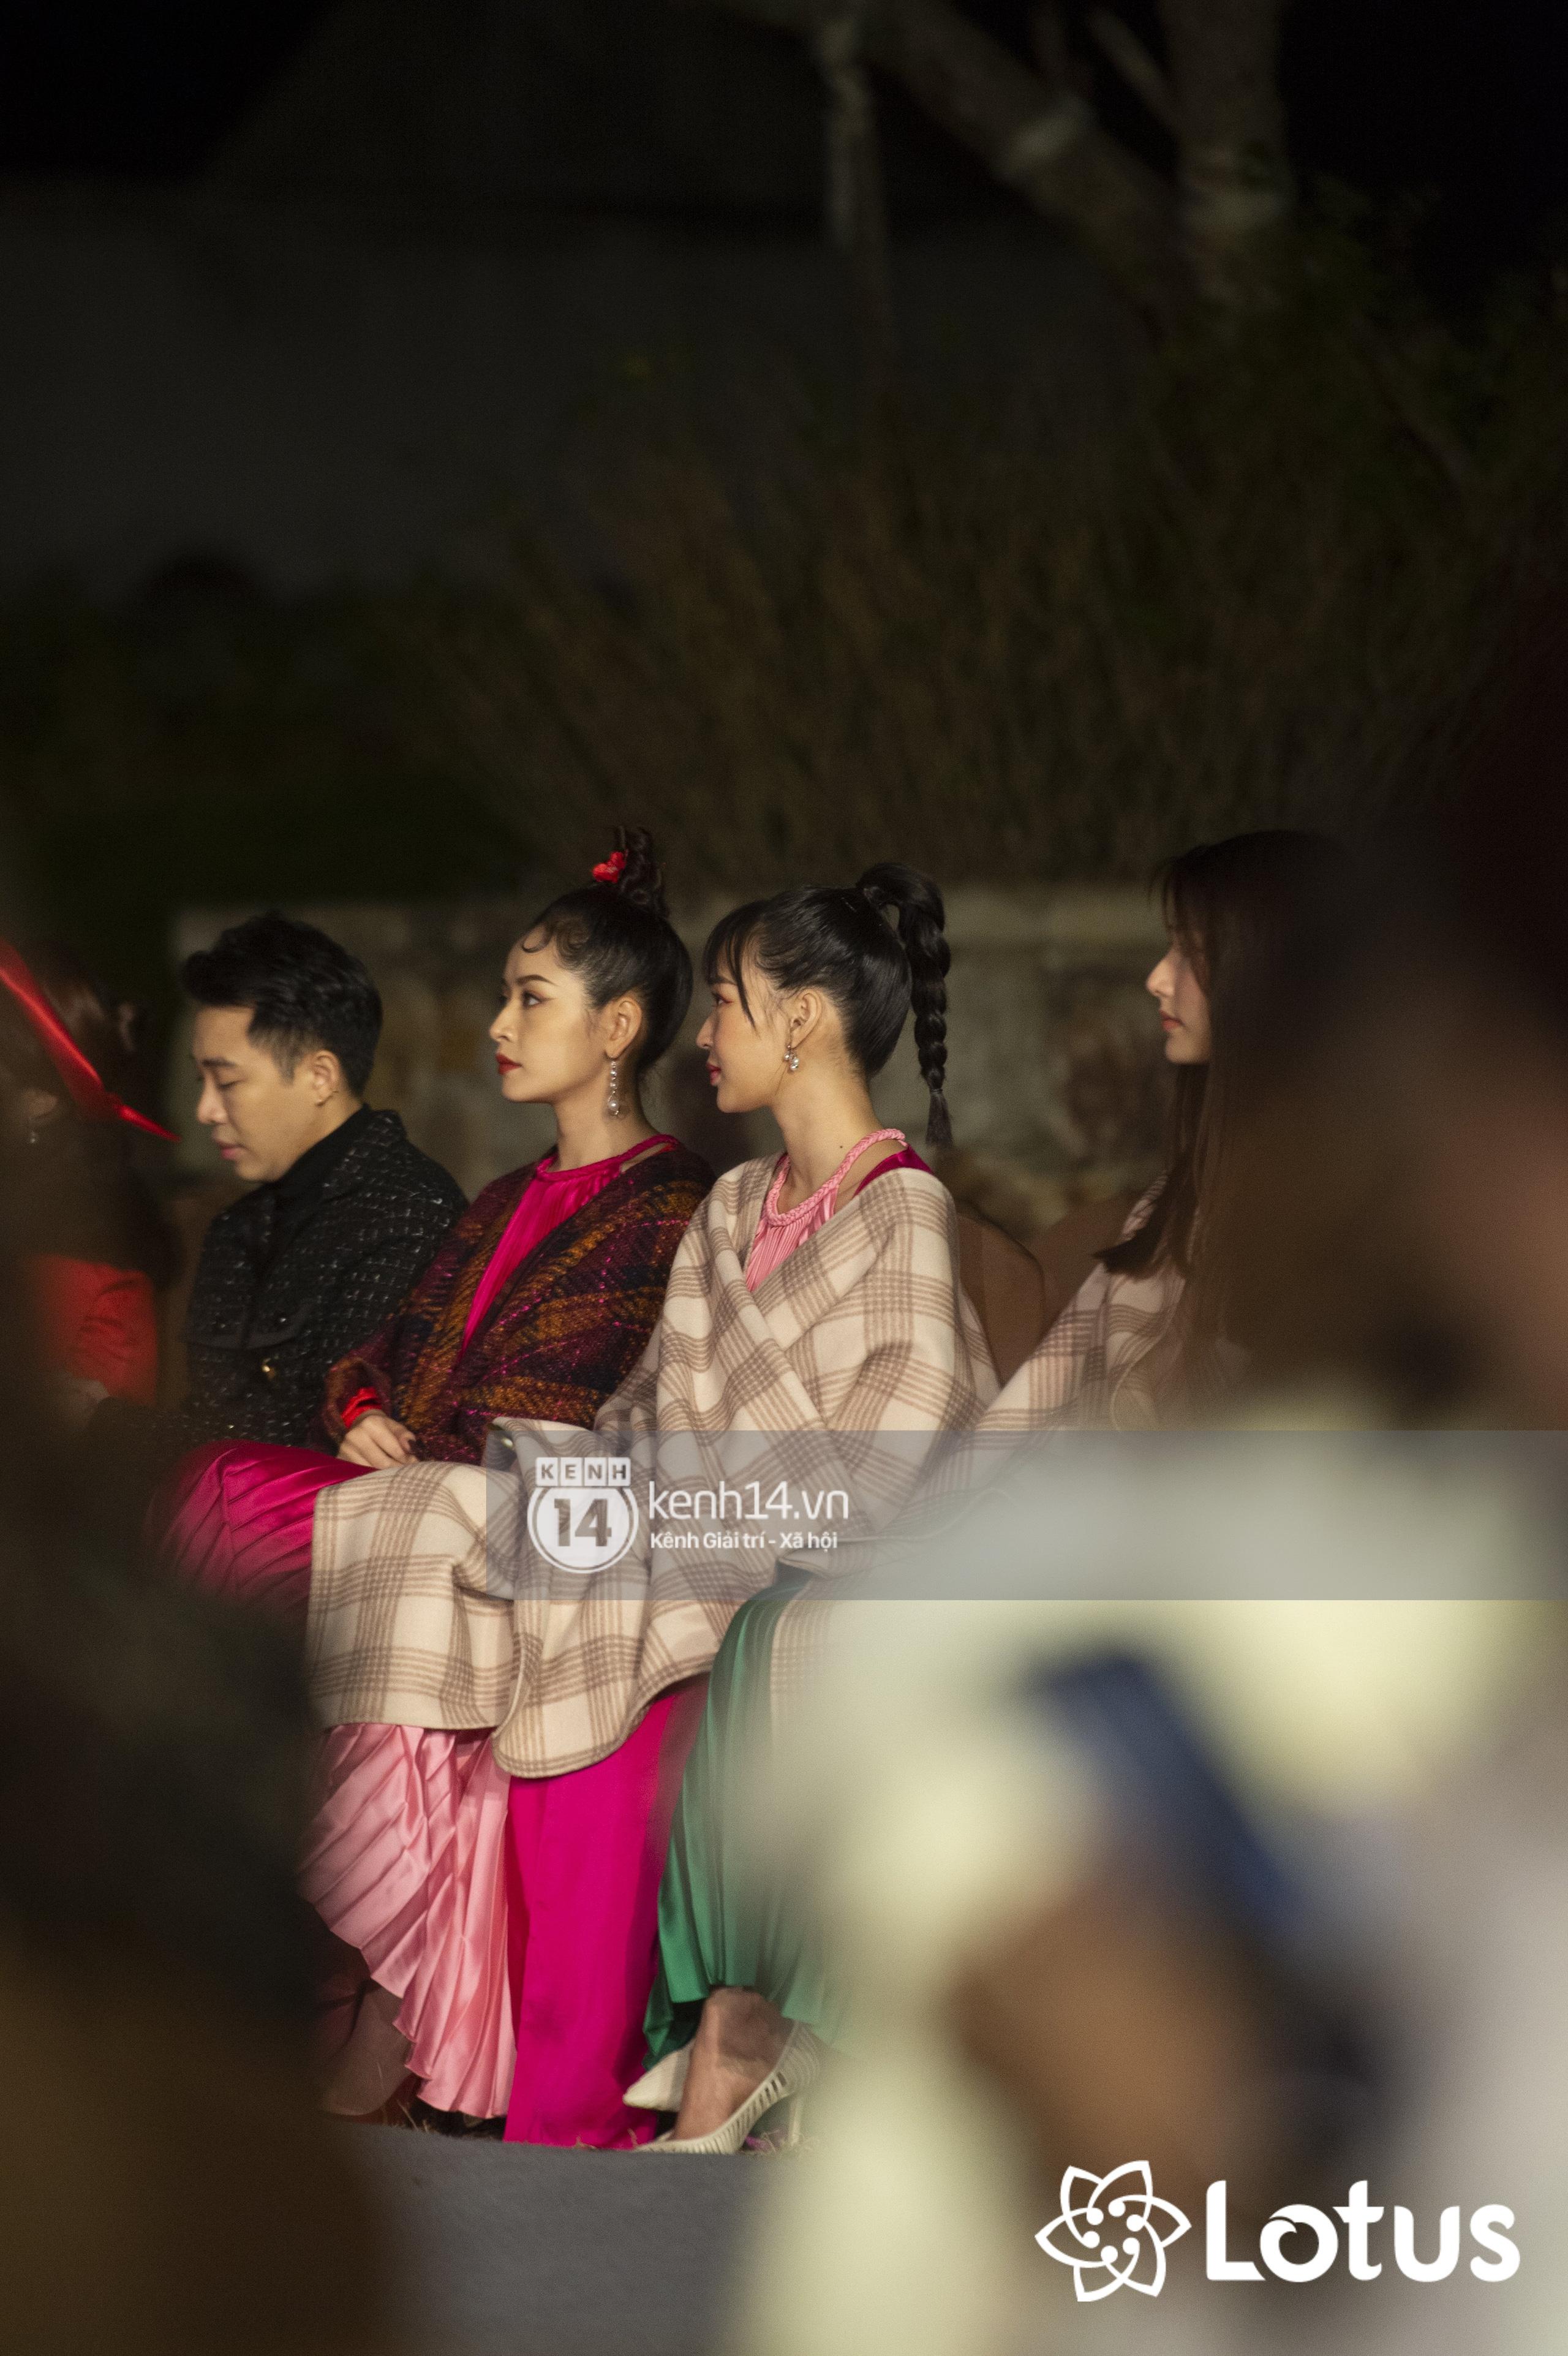 Lương Thuỳ Linh - Đỗ Hà nổi bần bật trong vị trí first face, Thanh Hằng bùng nổ với khí chất nữ thần tại show Đào của NTK Adrian Anh Tuấn - Ảnh 21.